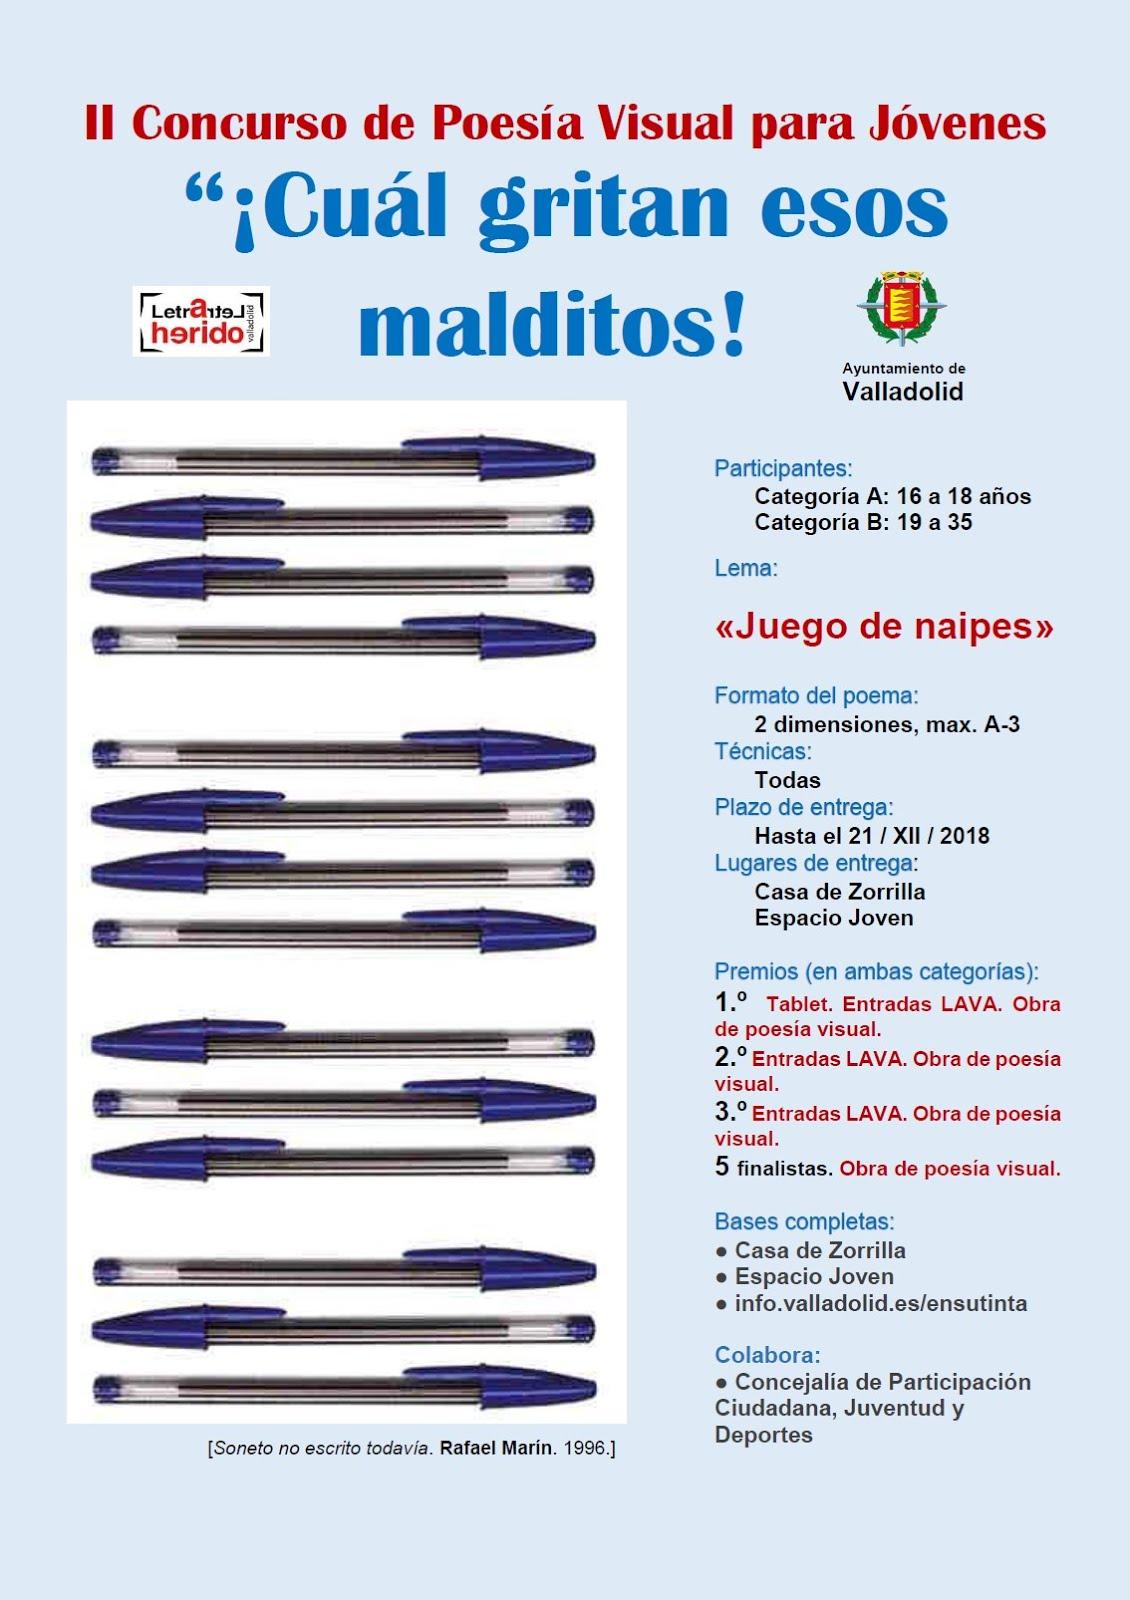 Concurso de poesía visual para jóvenes. Valladolid Letraherido